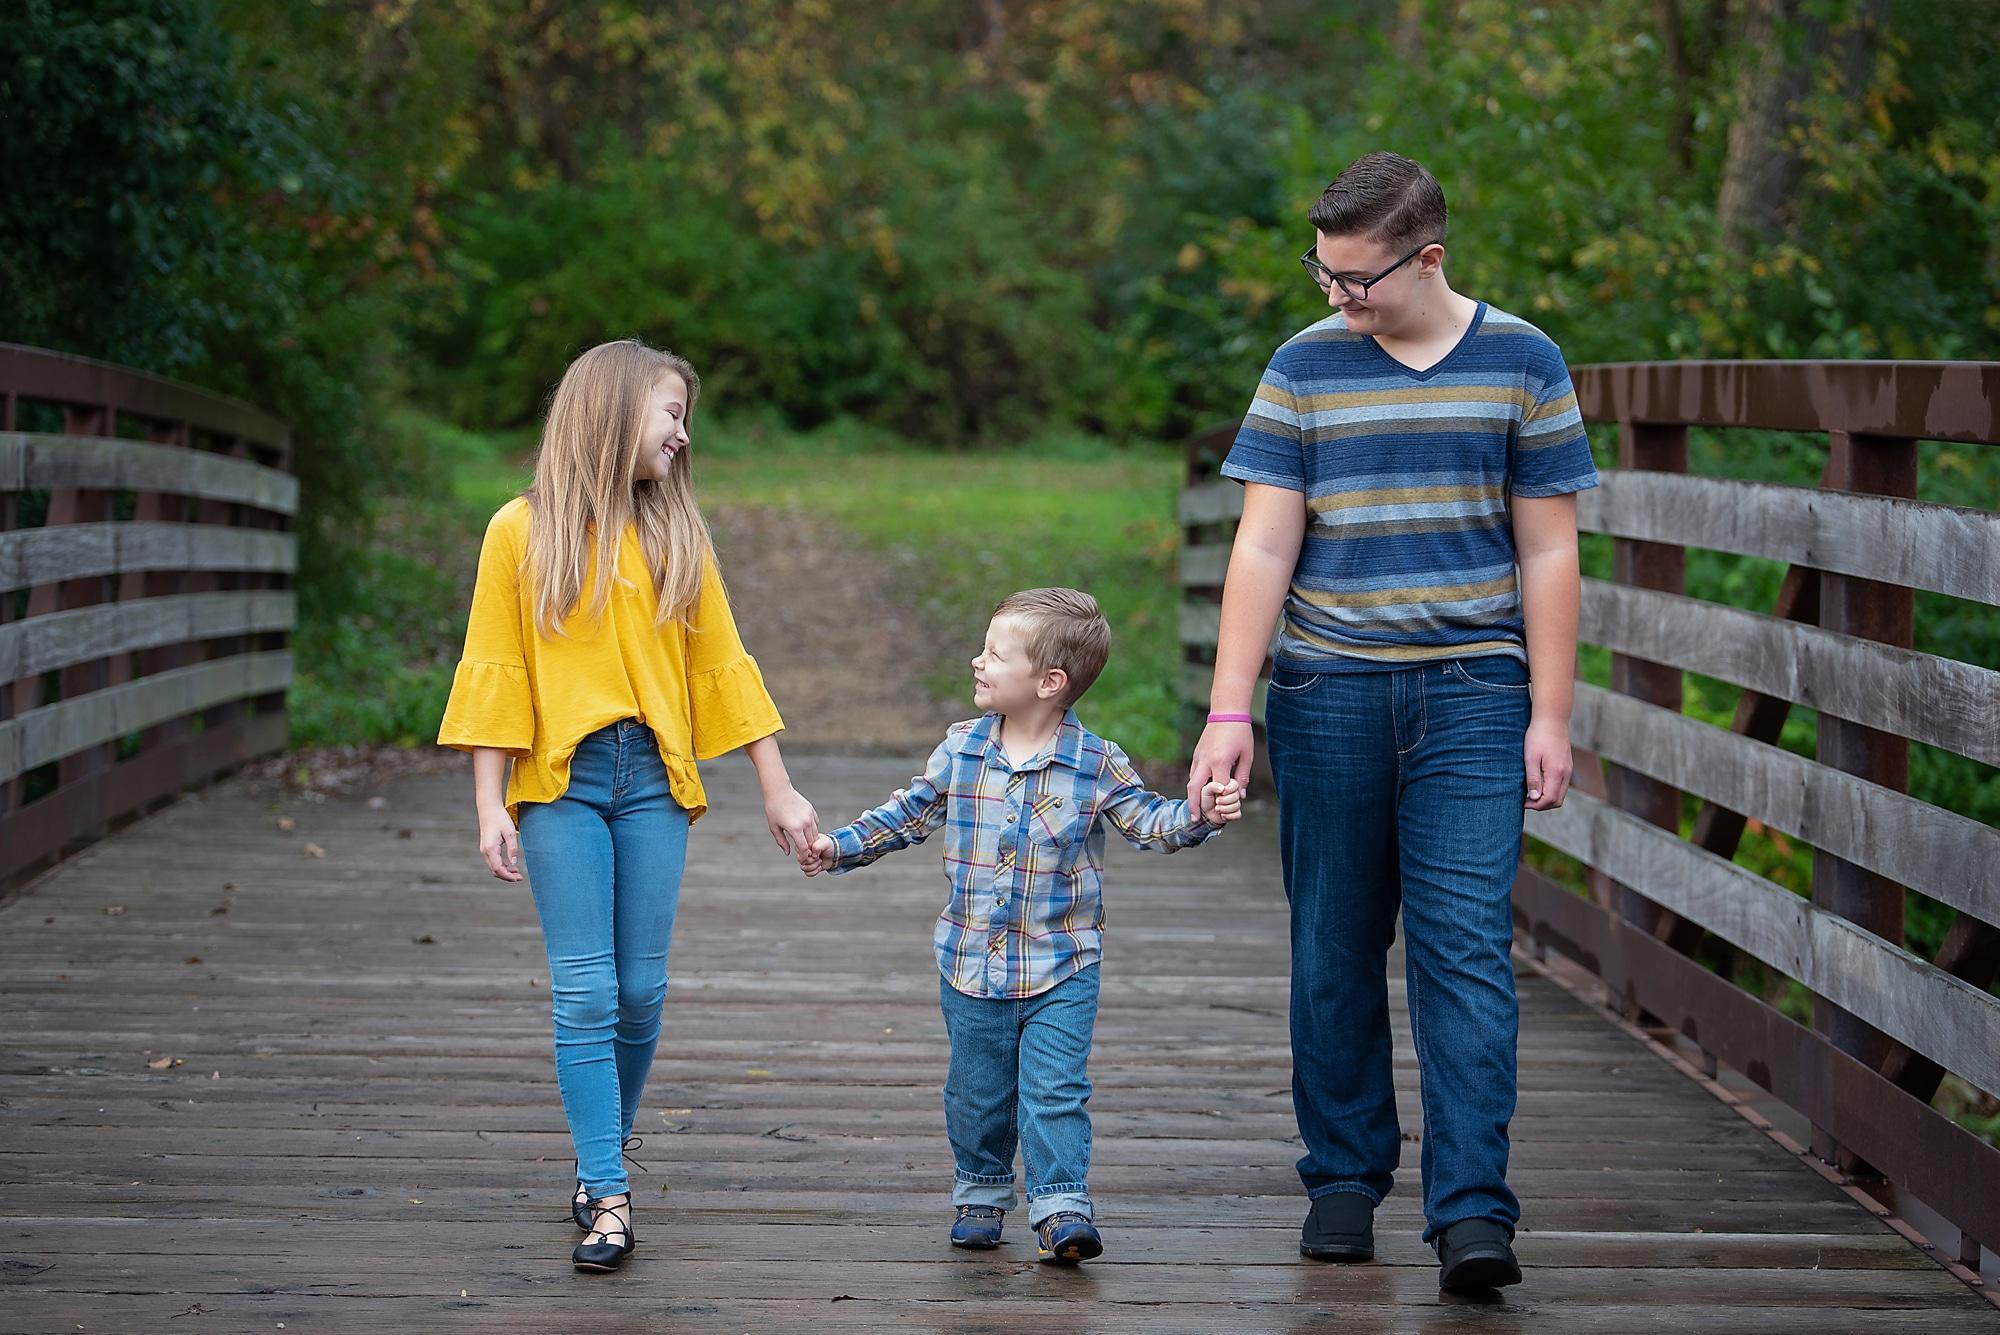 Siblings photo on bridge in park